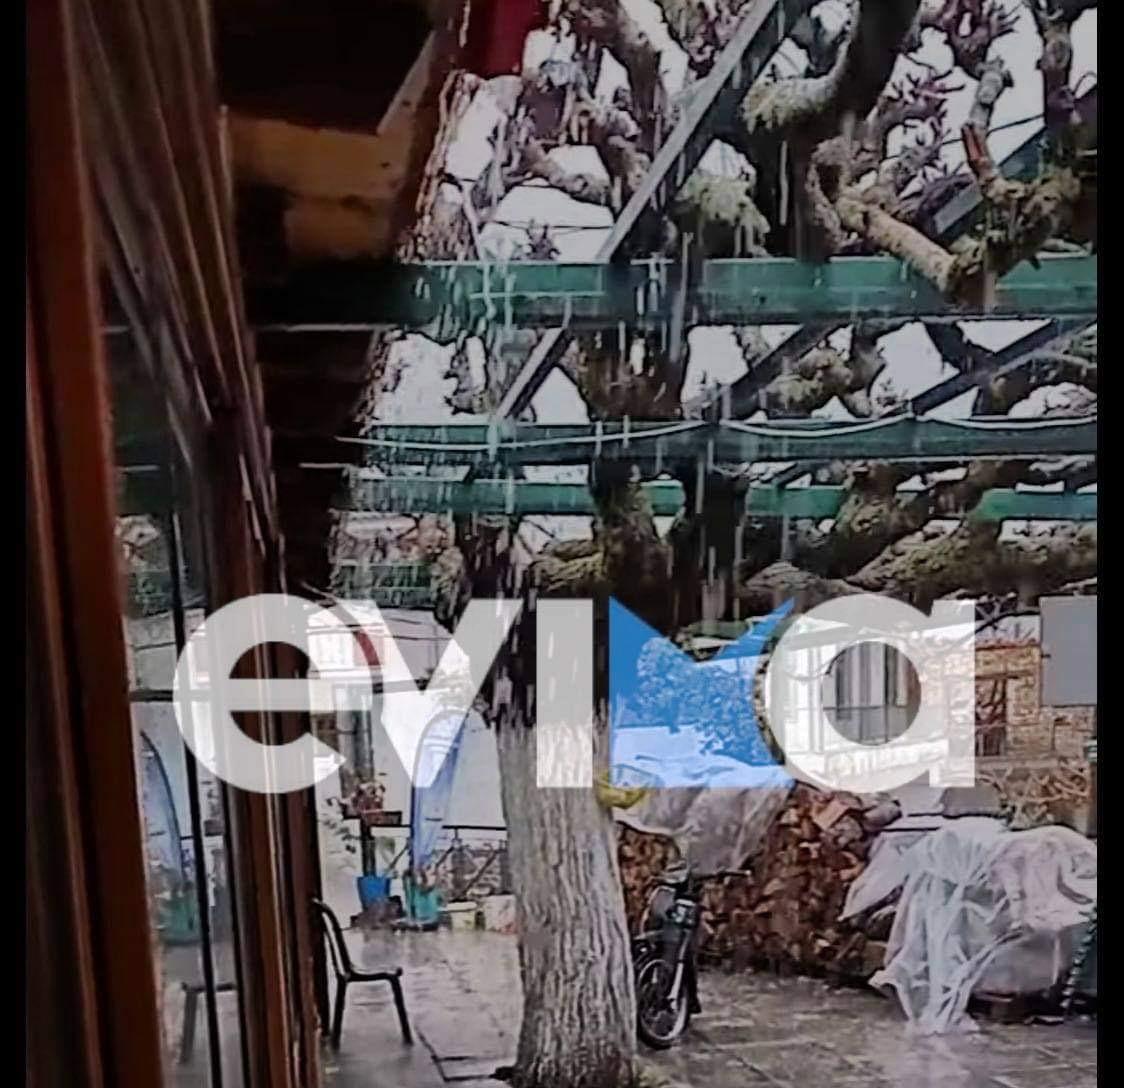 Εύβοια: Ξεκίνησε η κακοκαιρία, ισχυρές καταιγίδες στη Σέτα (video)